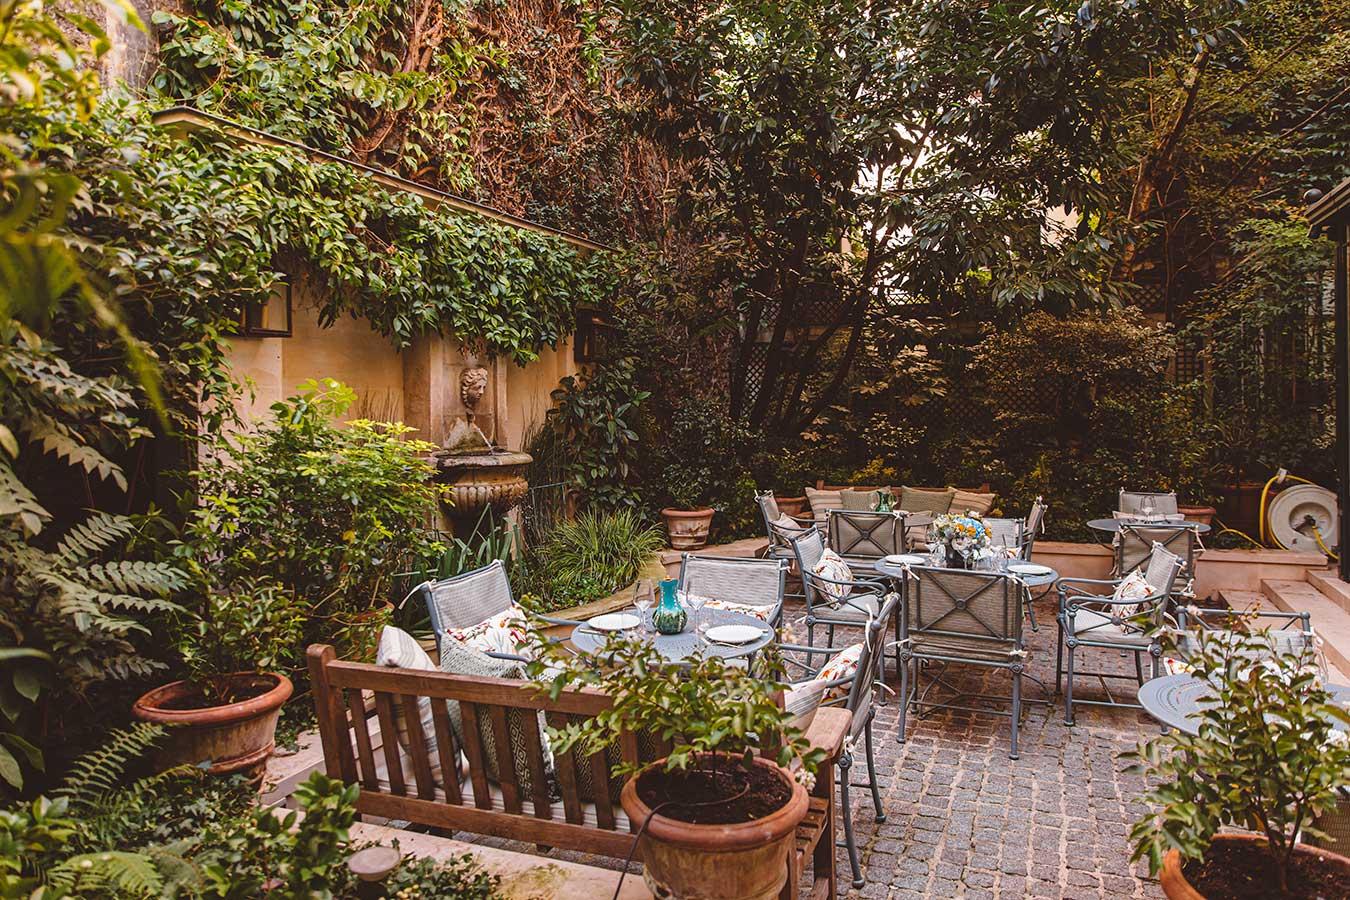 Jardin - Vue d'ensemble avec assises en bois, chaises et tables de jardin, fontaine et murs couverts de lierre grimpant